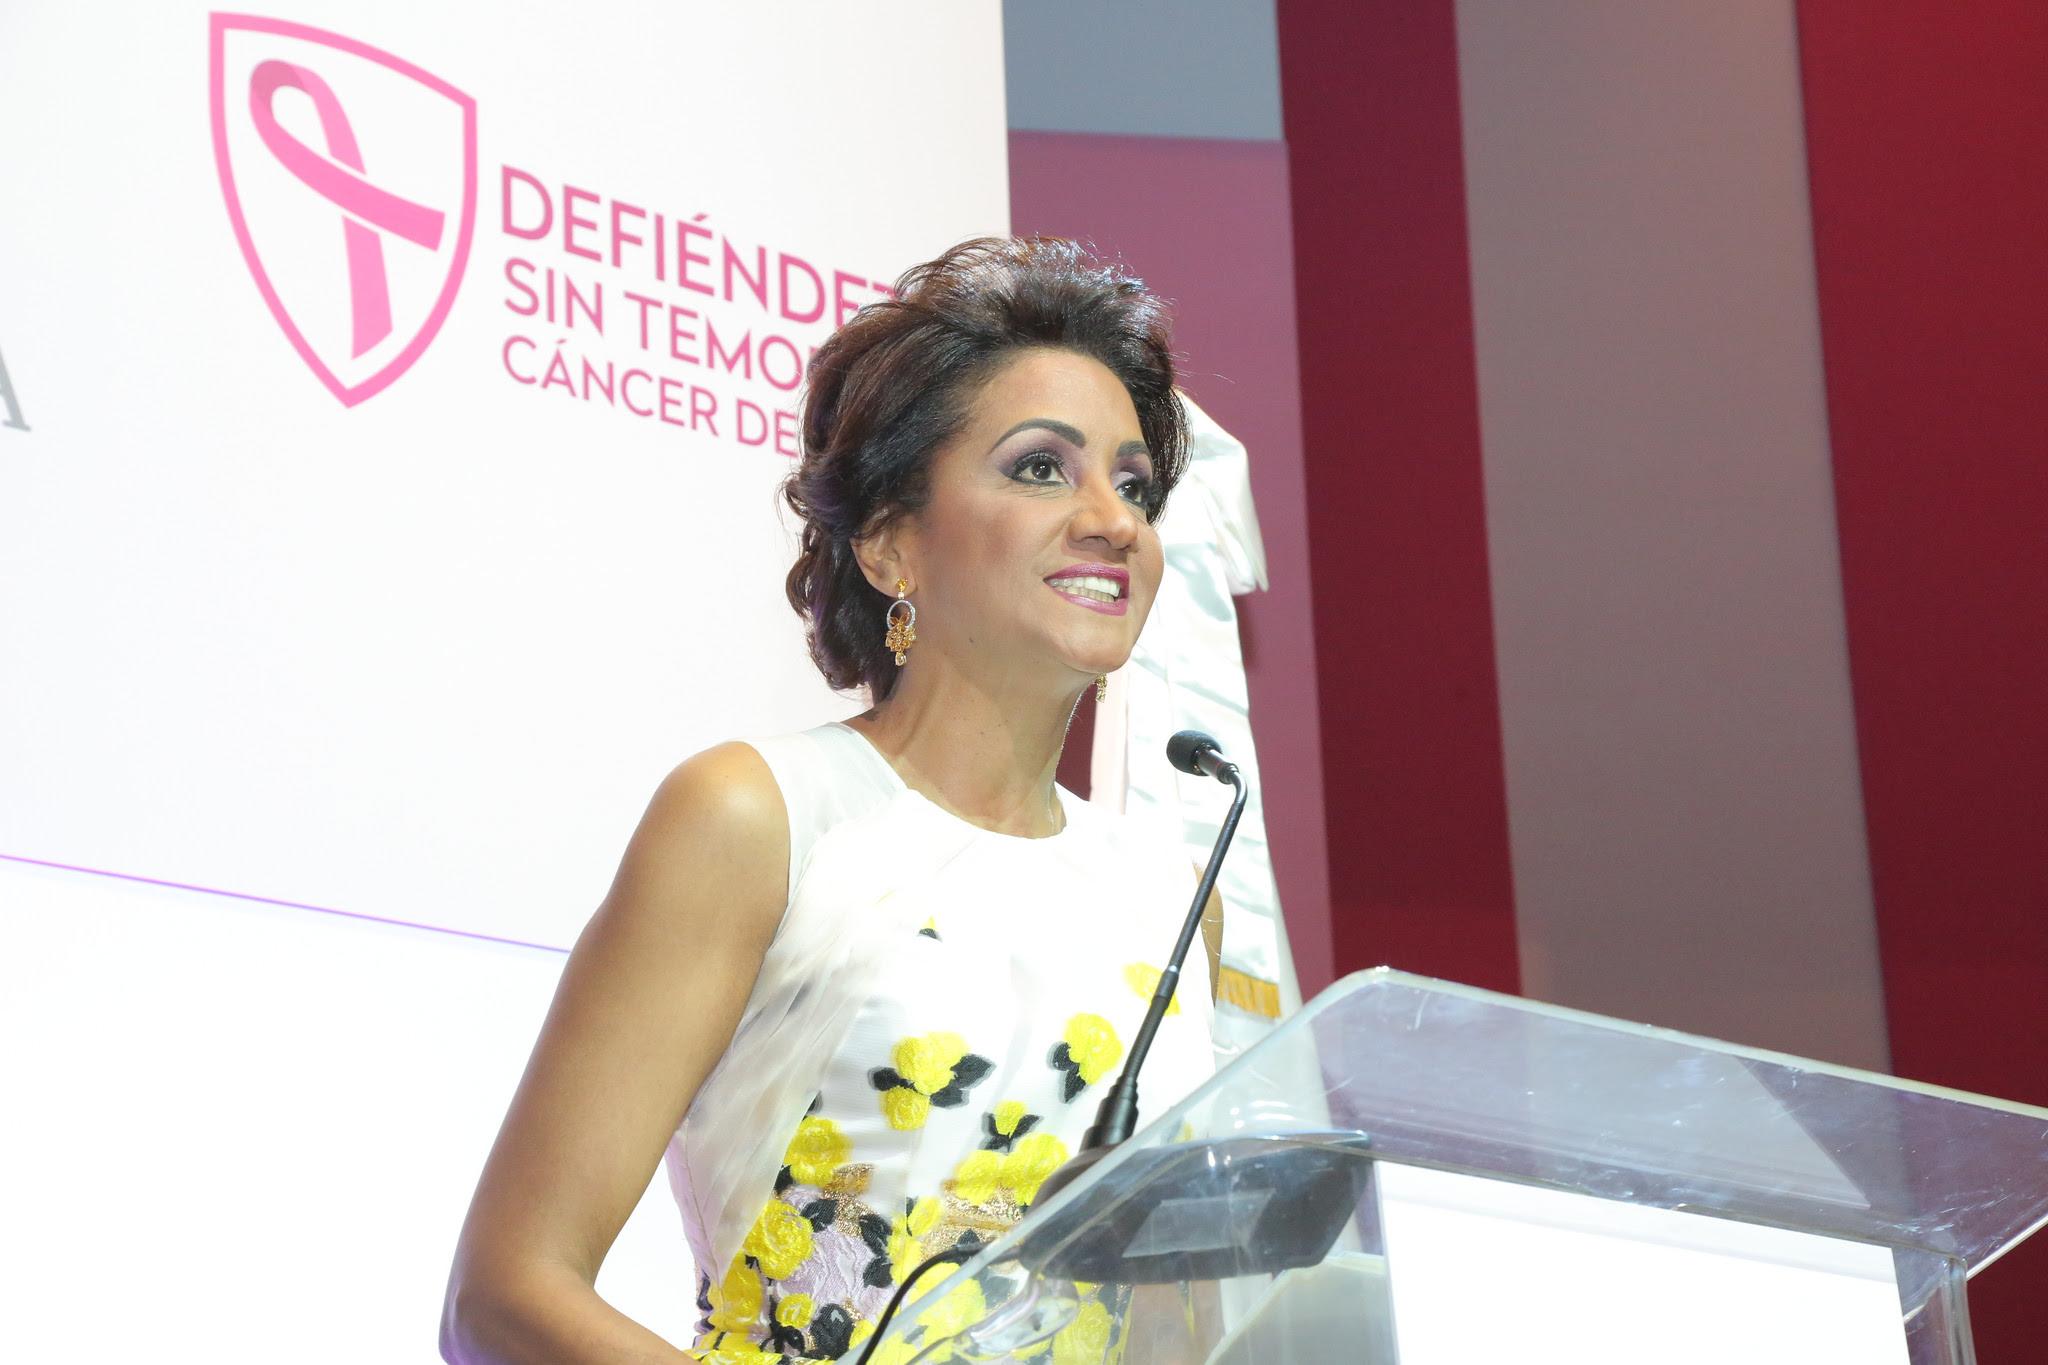 , Para prevenir y derrotar el cáncer, Primera Dama llama mujeres dominicanas a estar alertas